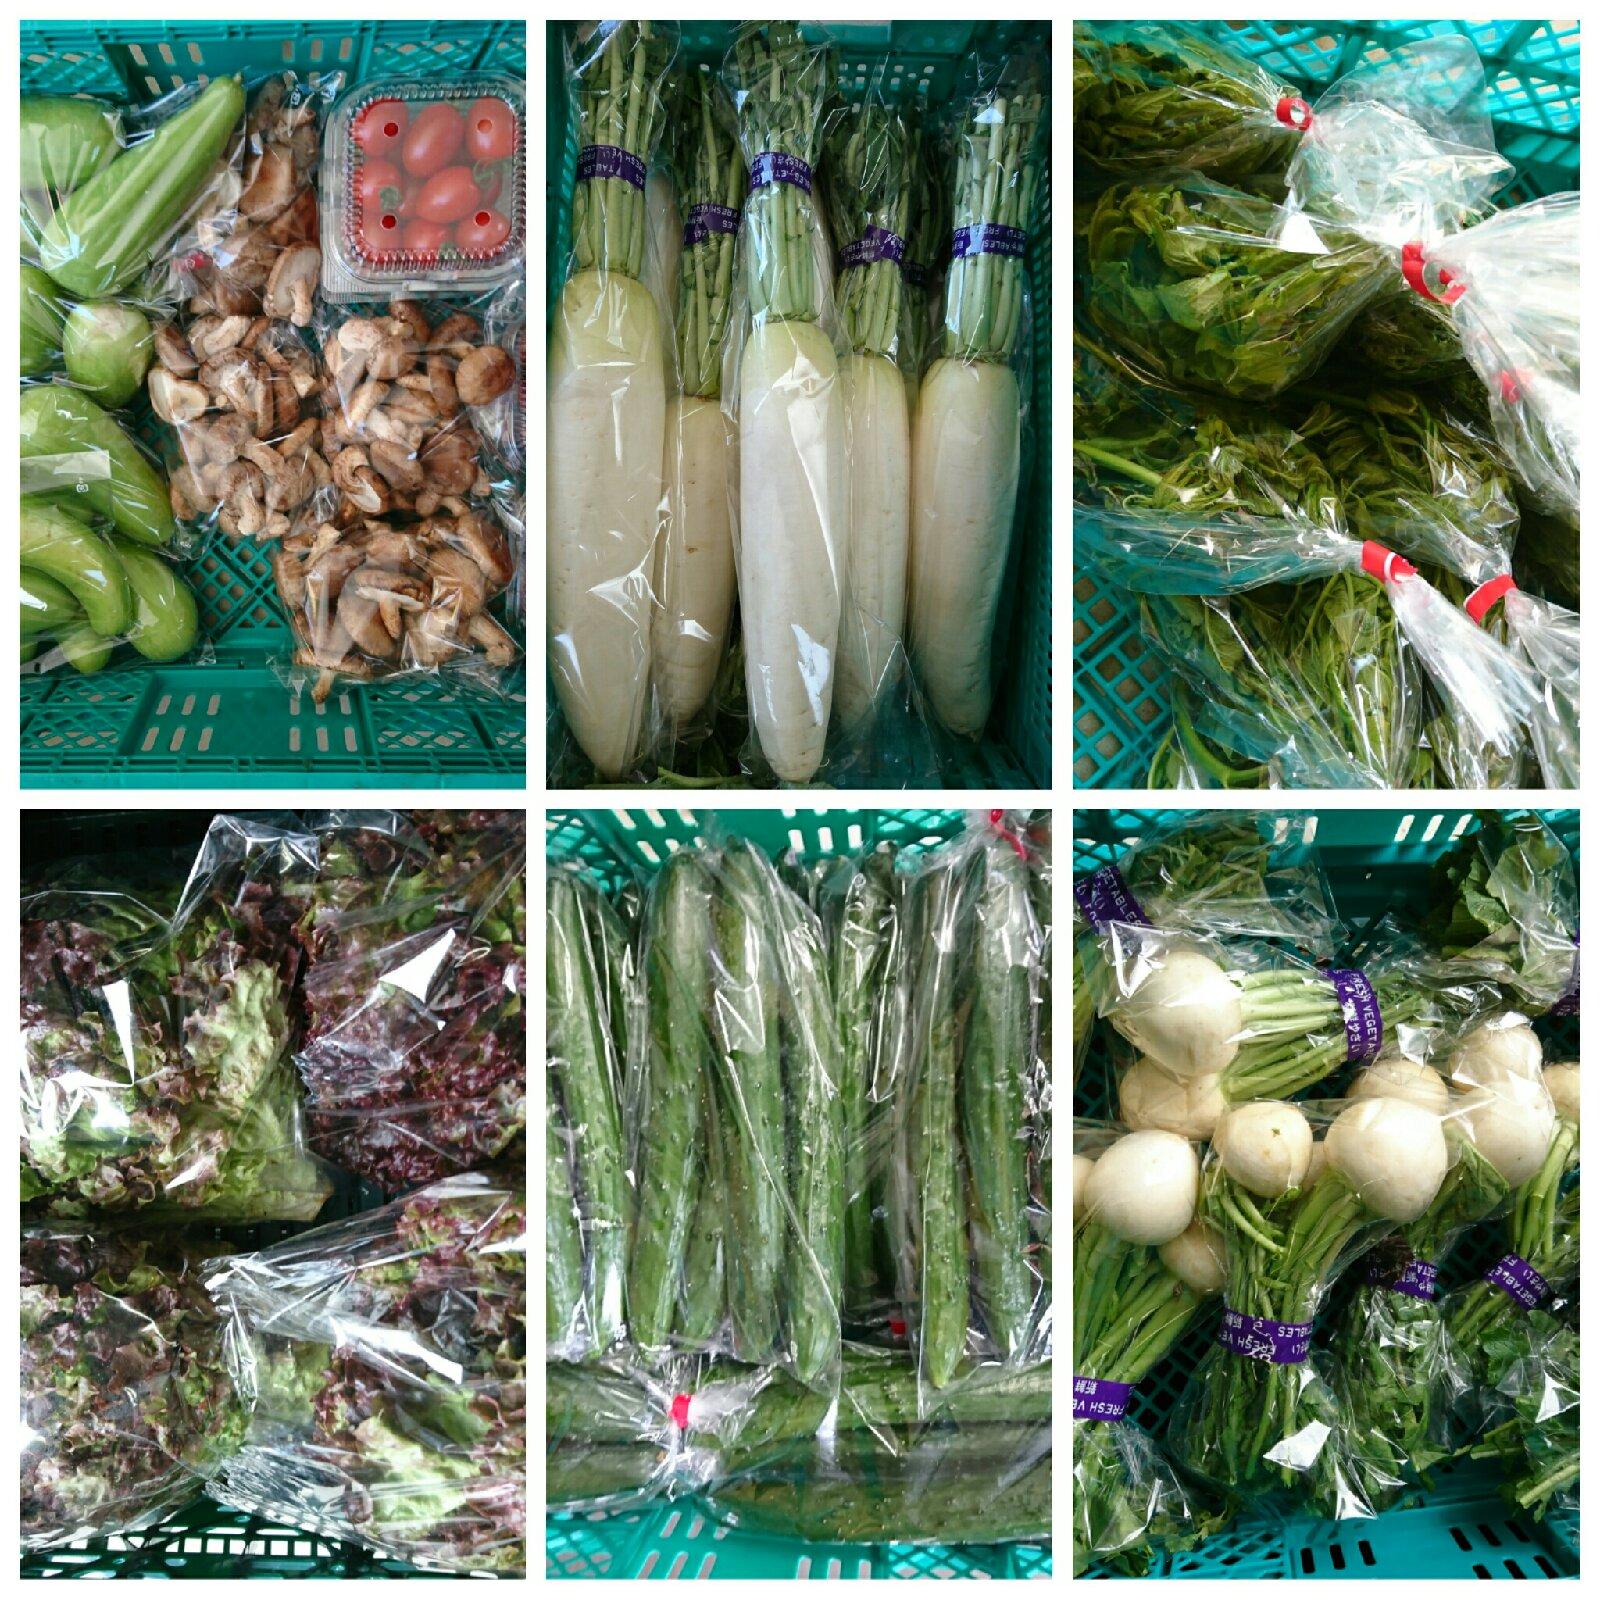 タラの芽100g大根1胡瓜4本椎茸200gミニトマト200gサニー2カブ6白瓜500g 野菜/セット・詰め合わせ通販